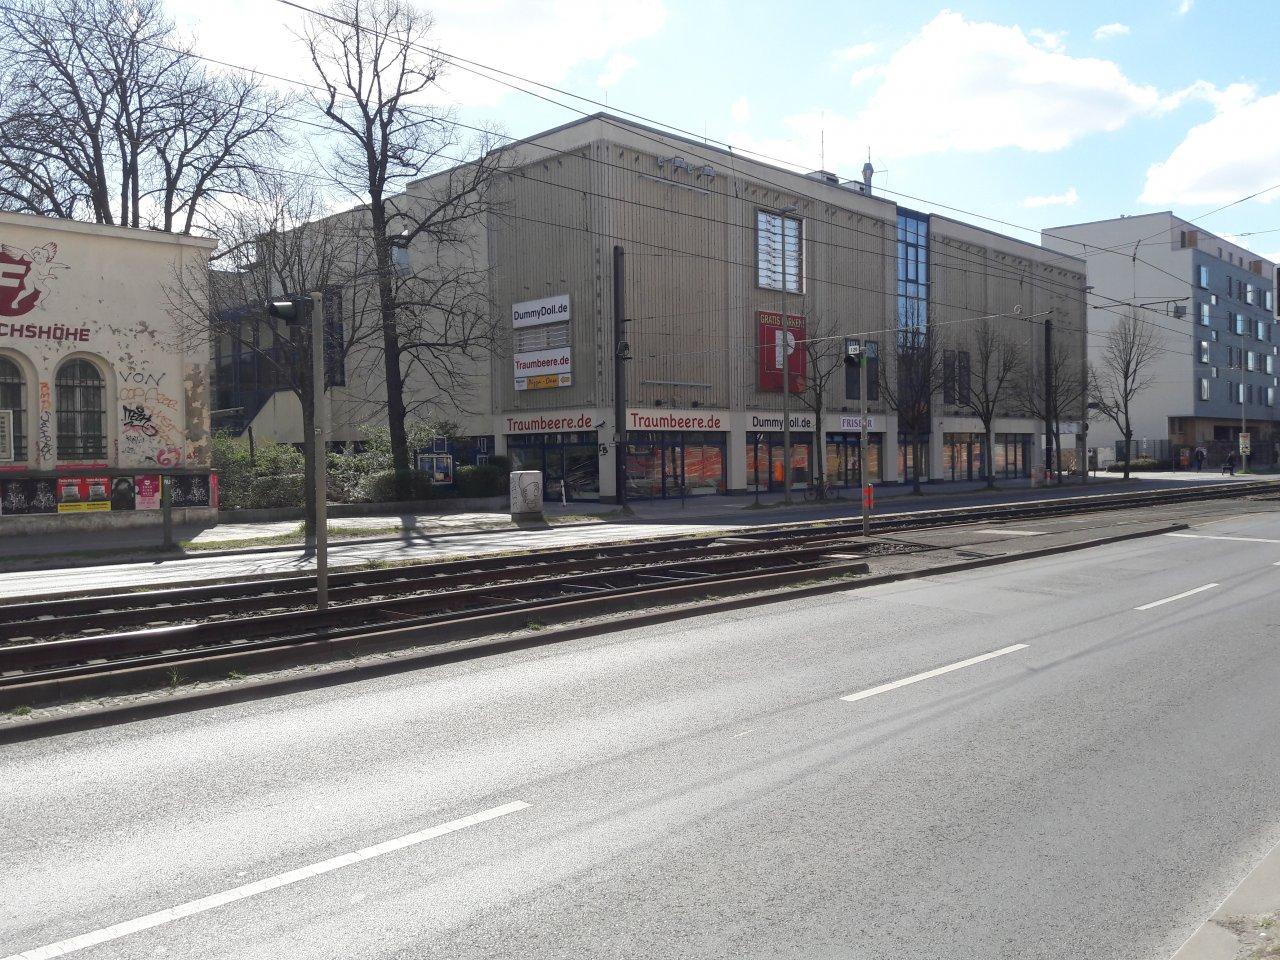 Landsberger-Allee-Kino.jpg